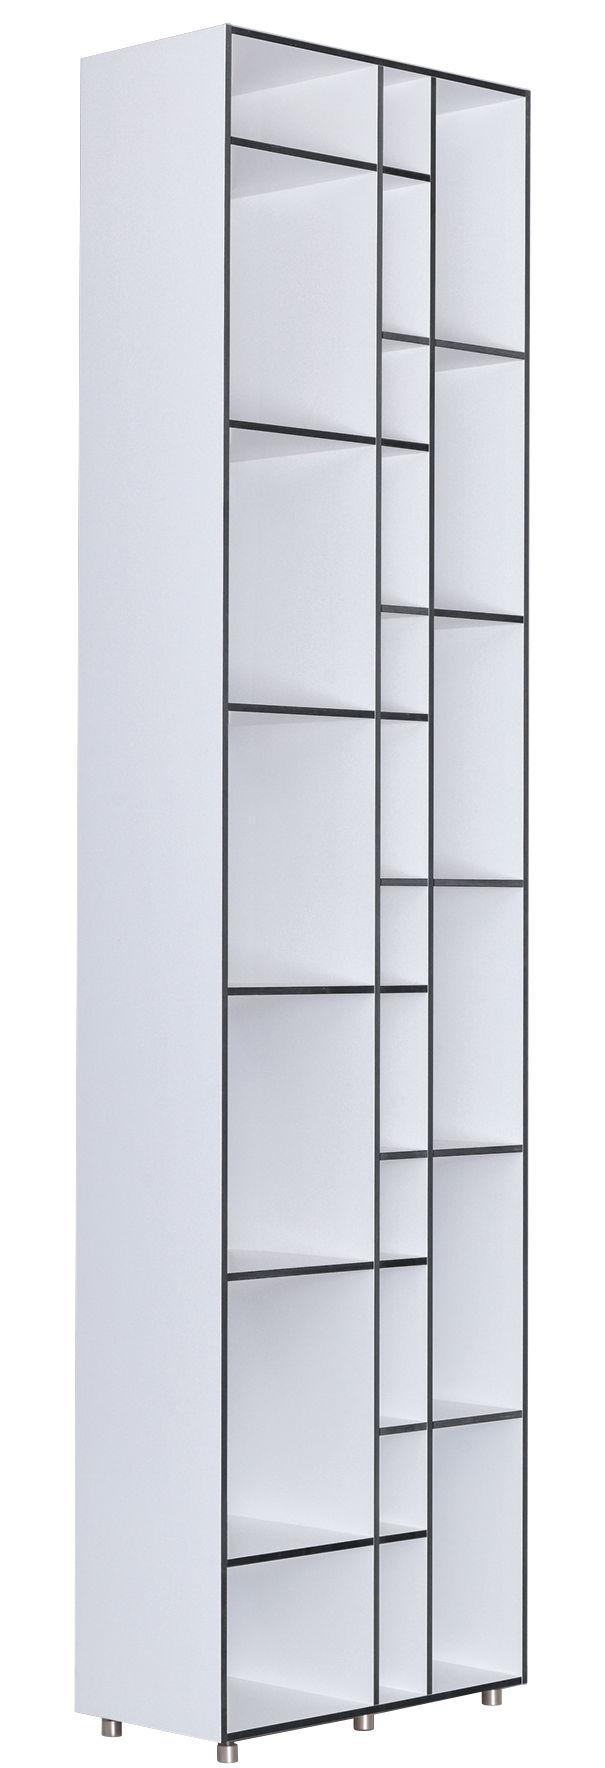 Mobilier - Etagères & bibliothèques - Bibliothèque Code 1 / L 60 x H 232 cm - Zeitraum - Etagères blanc / Arêtes anthracite - Aluminium, Laminé, MDF